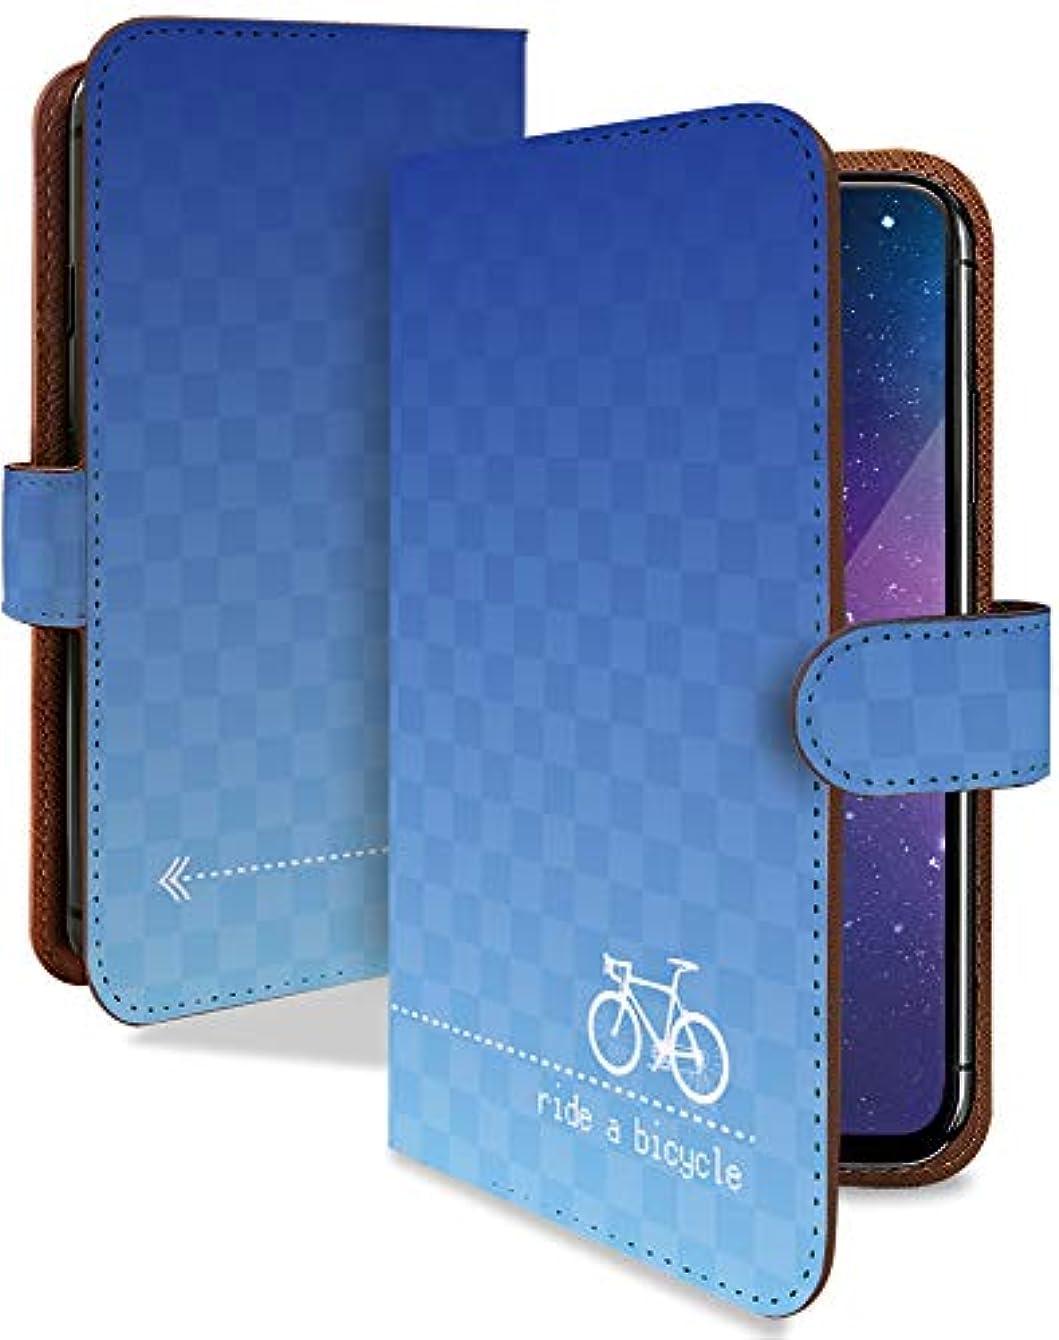 交差点周り匿名Nexus6 ワイモバイル ケース 手帳型 自転車 チャリ 青 グラデーション カラフル スマホケース ネクサス6 手帳 カバー nexus 6 nexus6ケース nexus6カバー シンプル グラデ チェック柄 チェック [自転車 チャリ 青/t0306]